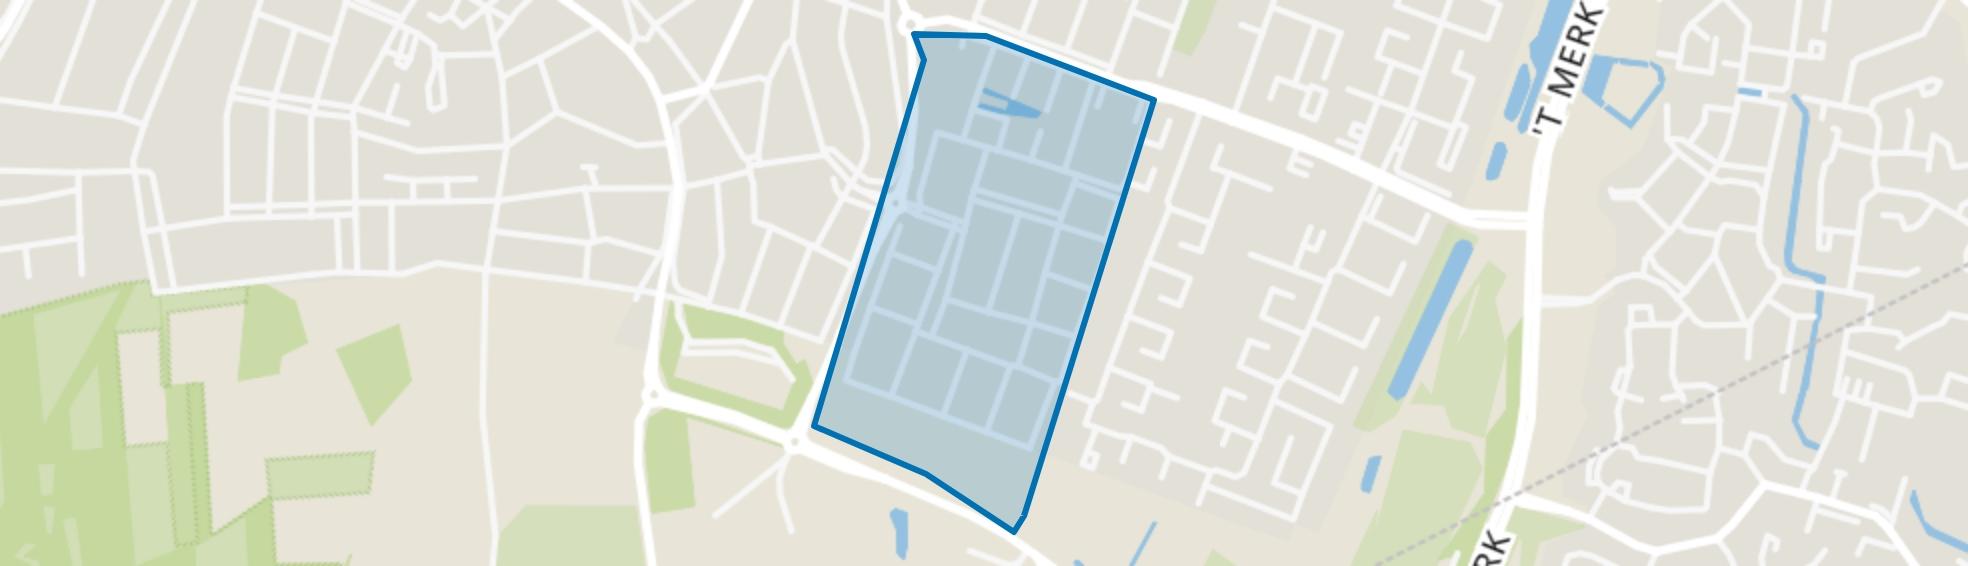 Zenderwijk, Huizen map